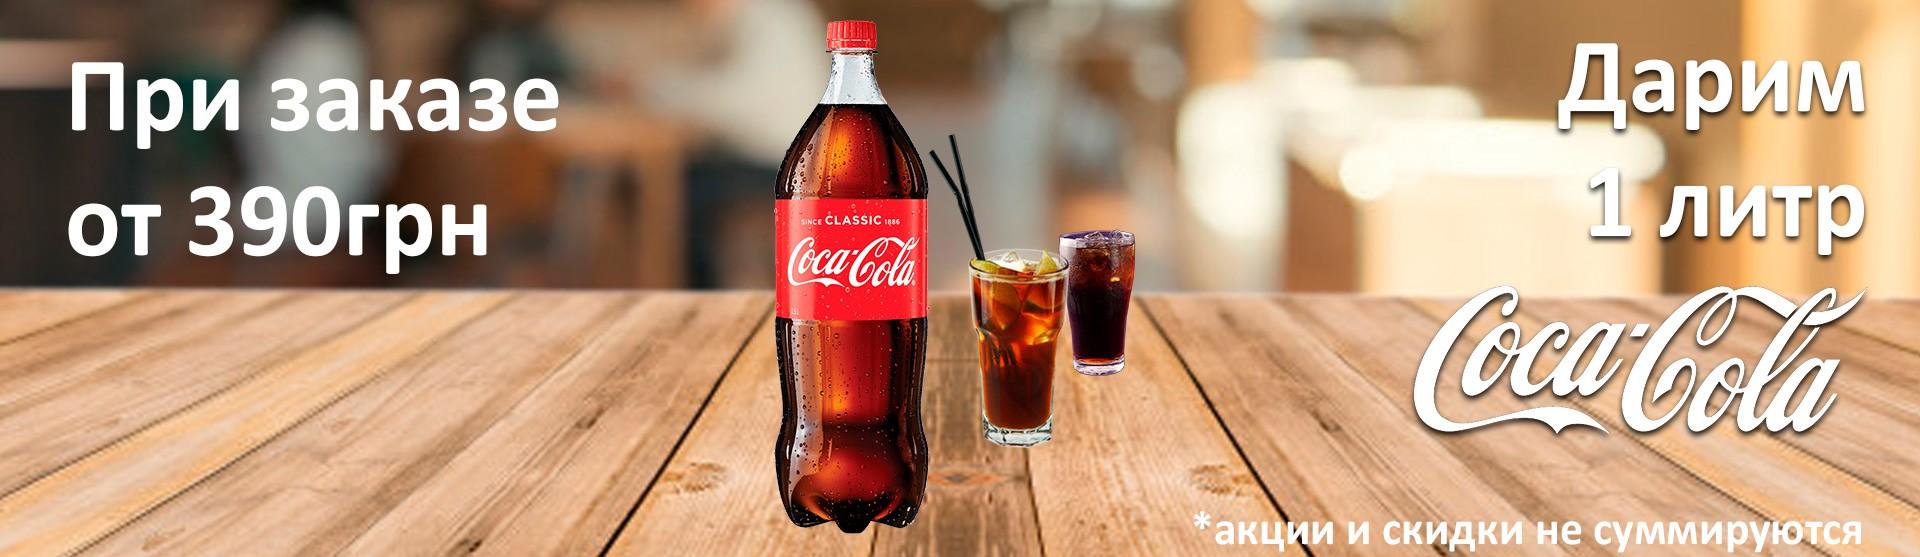 Cola в подарок